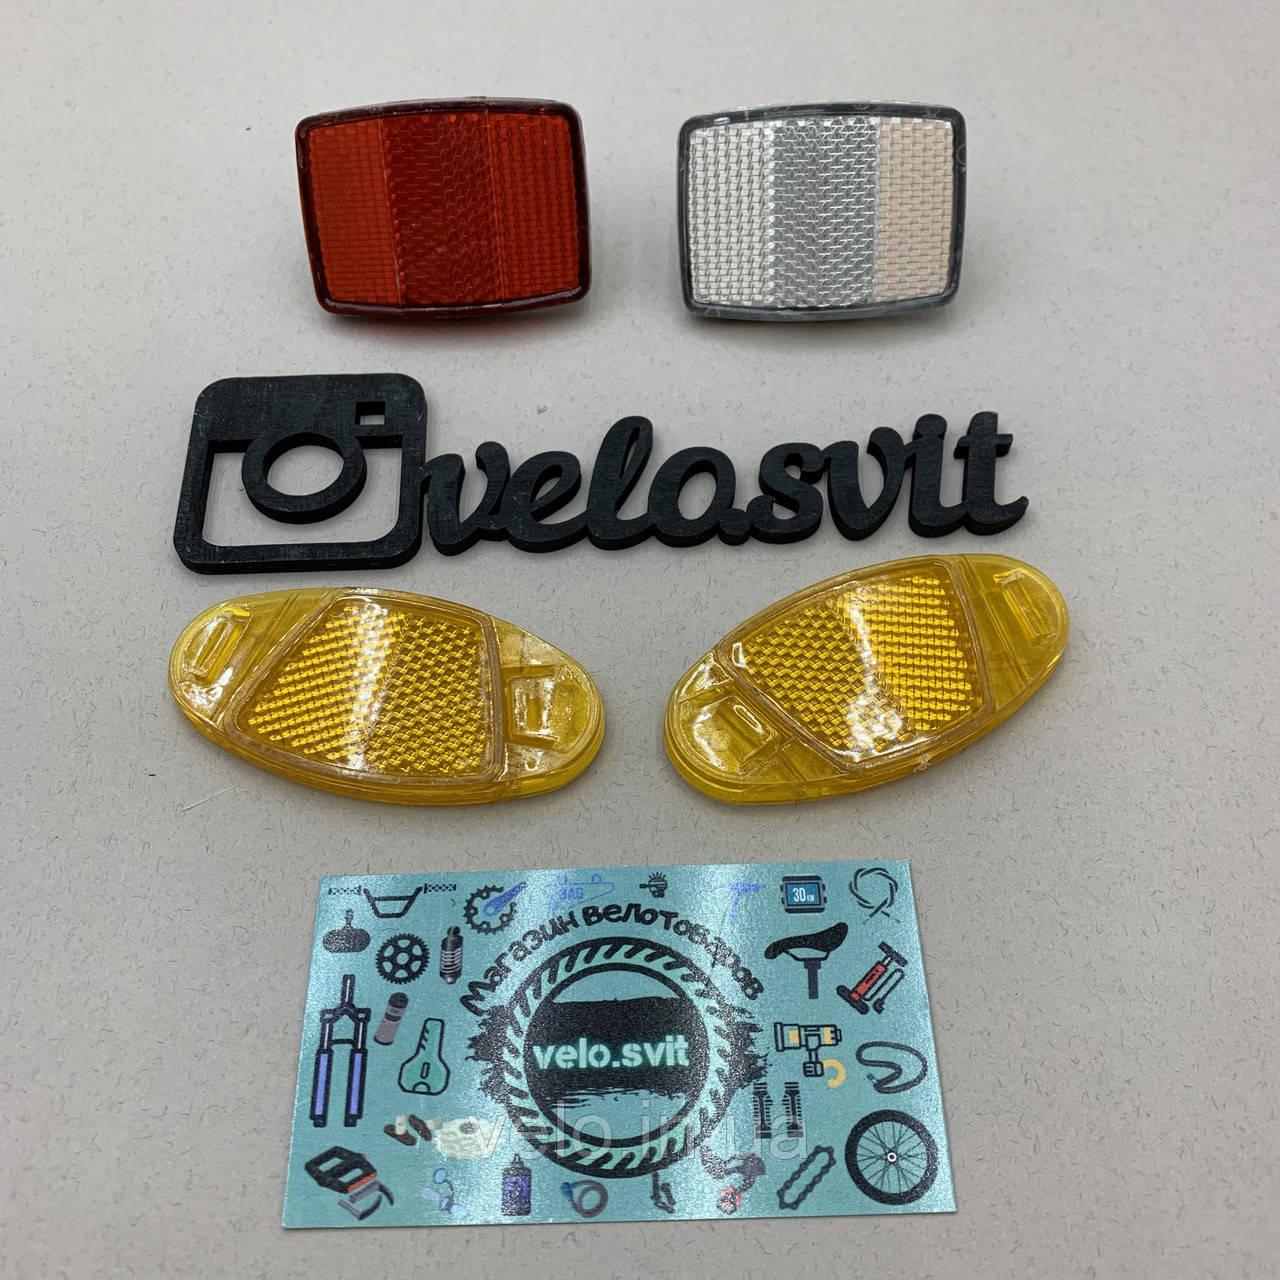 Комплект разноцветных катафотов для колес велосипедов.